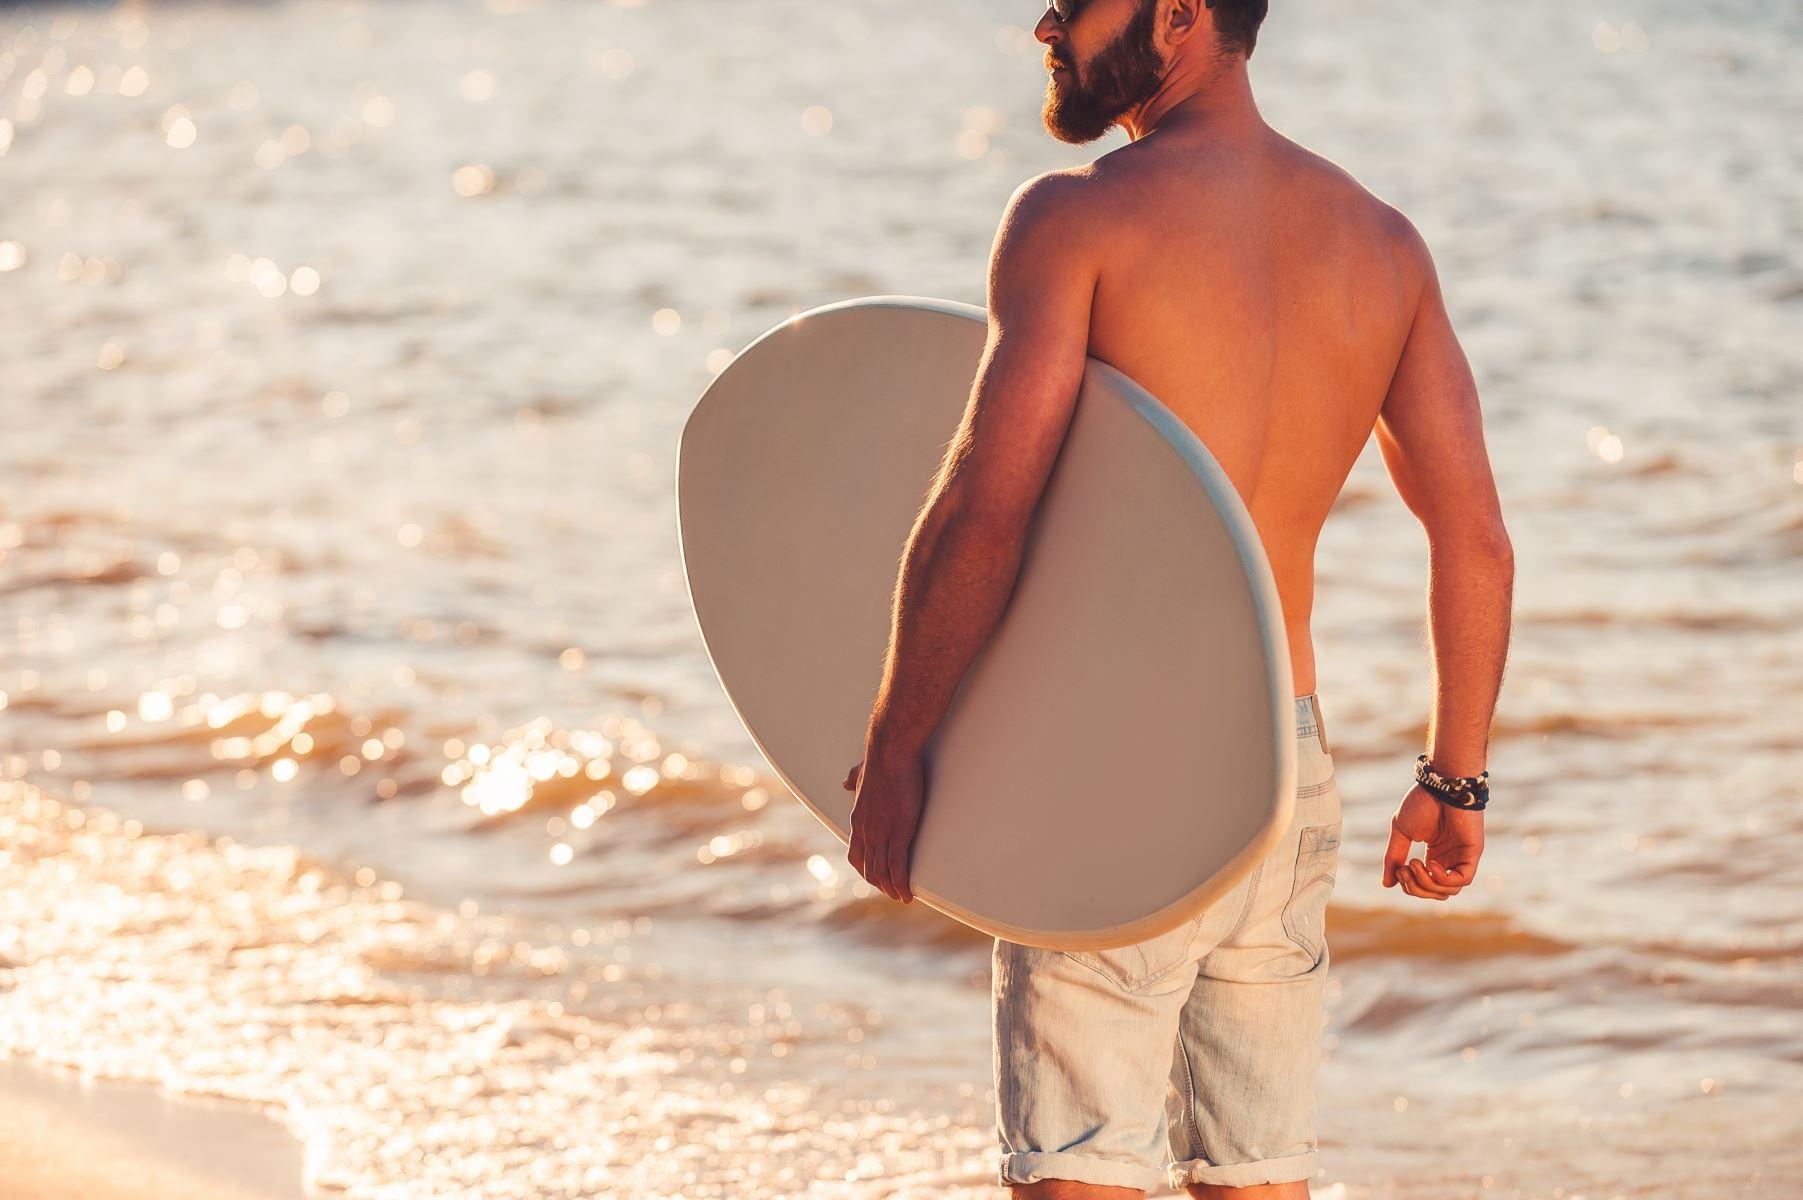 Surflogiet - Skimboard